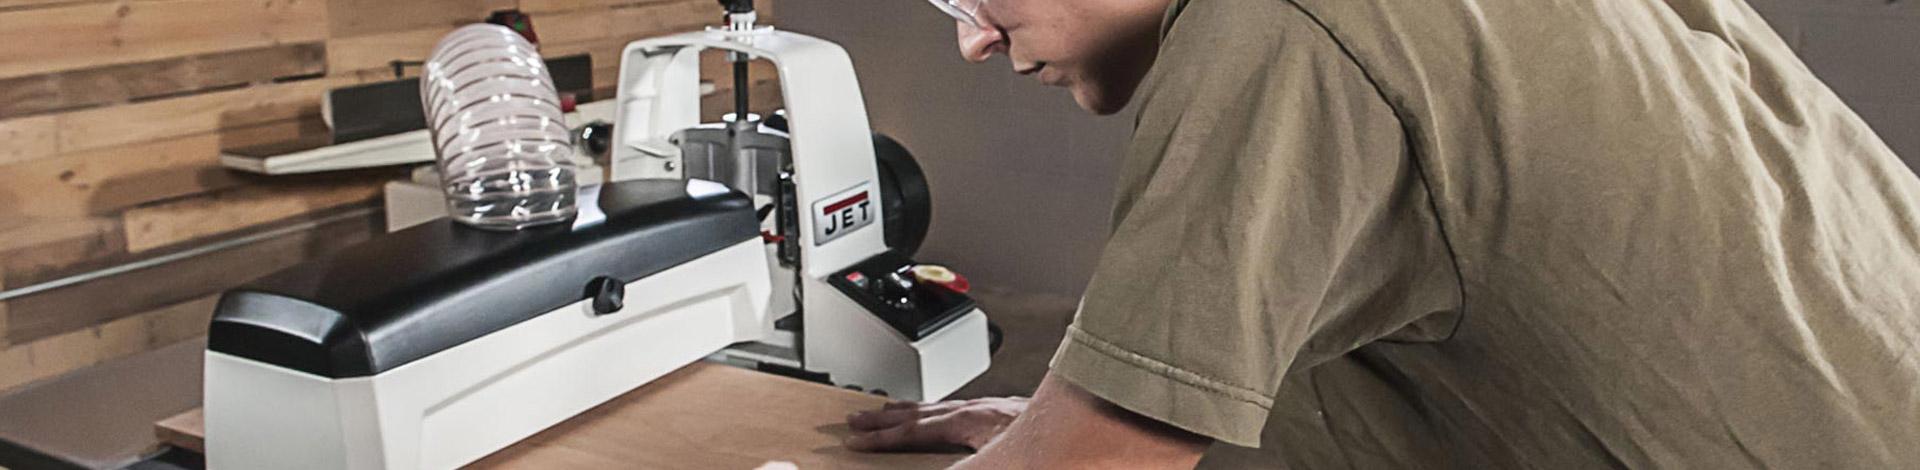 Станки для работы по дереву JET Tools Украина. Официальный сайт магазин